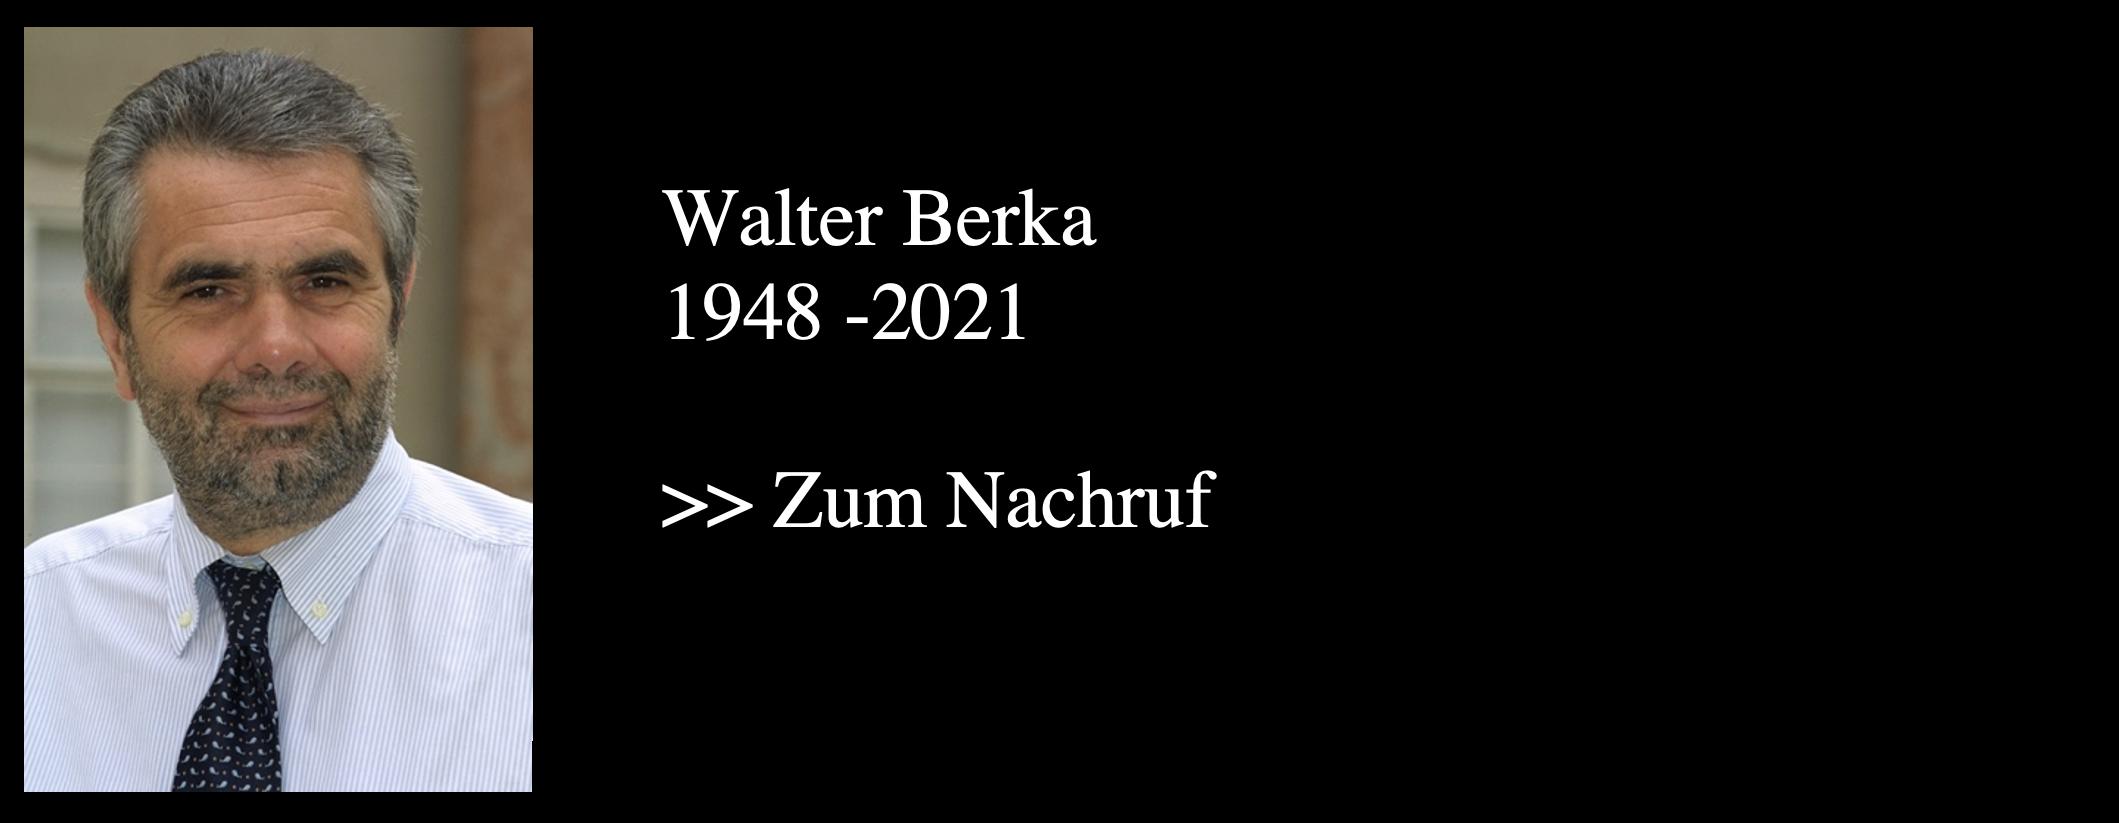 Nachruf Walter Berka